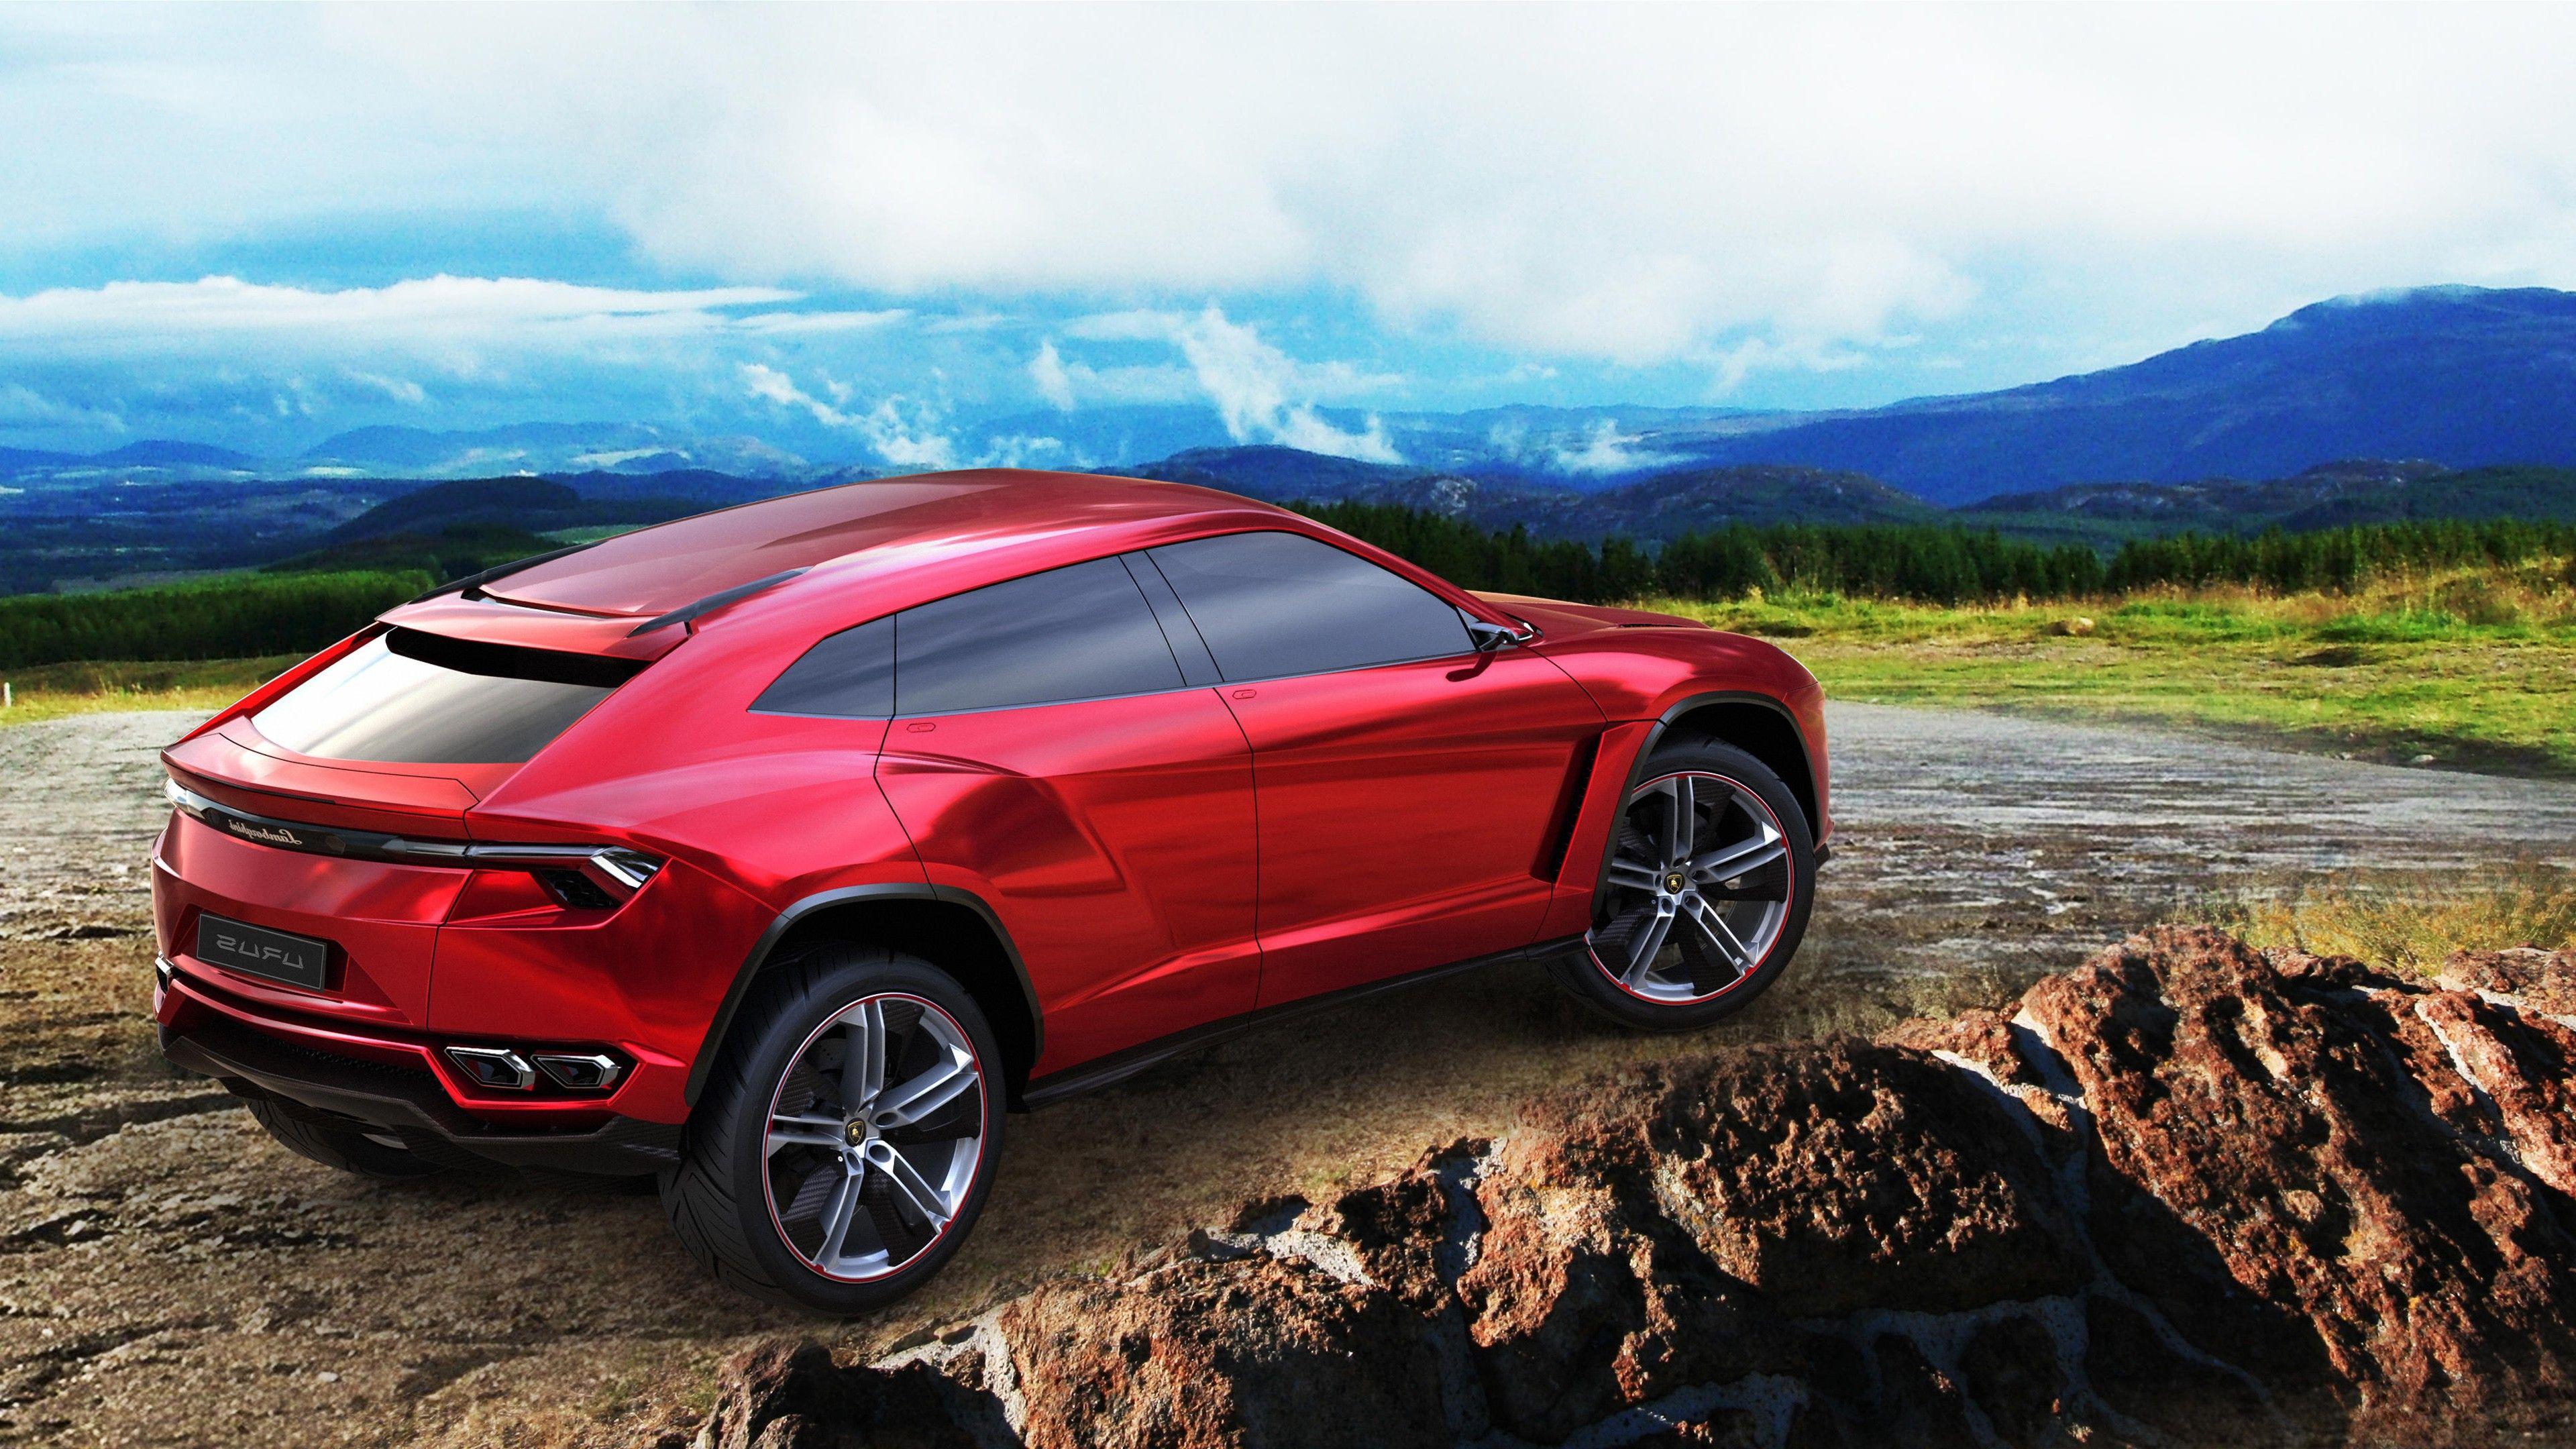 Lamborgini Sports Car Hd Wallpaper Lamborghini Urus Wallpapers Wallpaper Cave